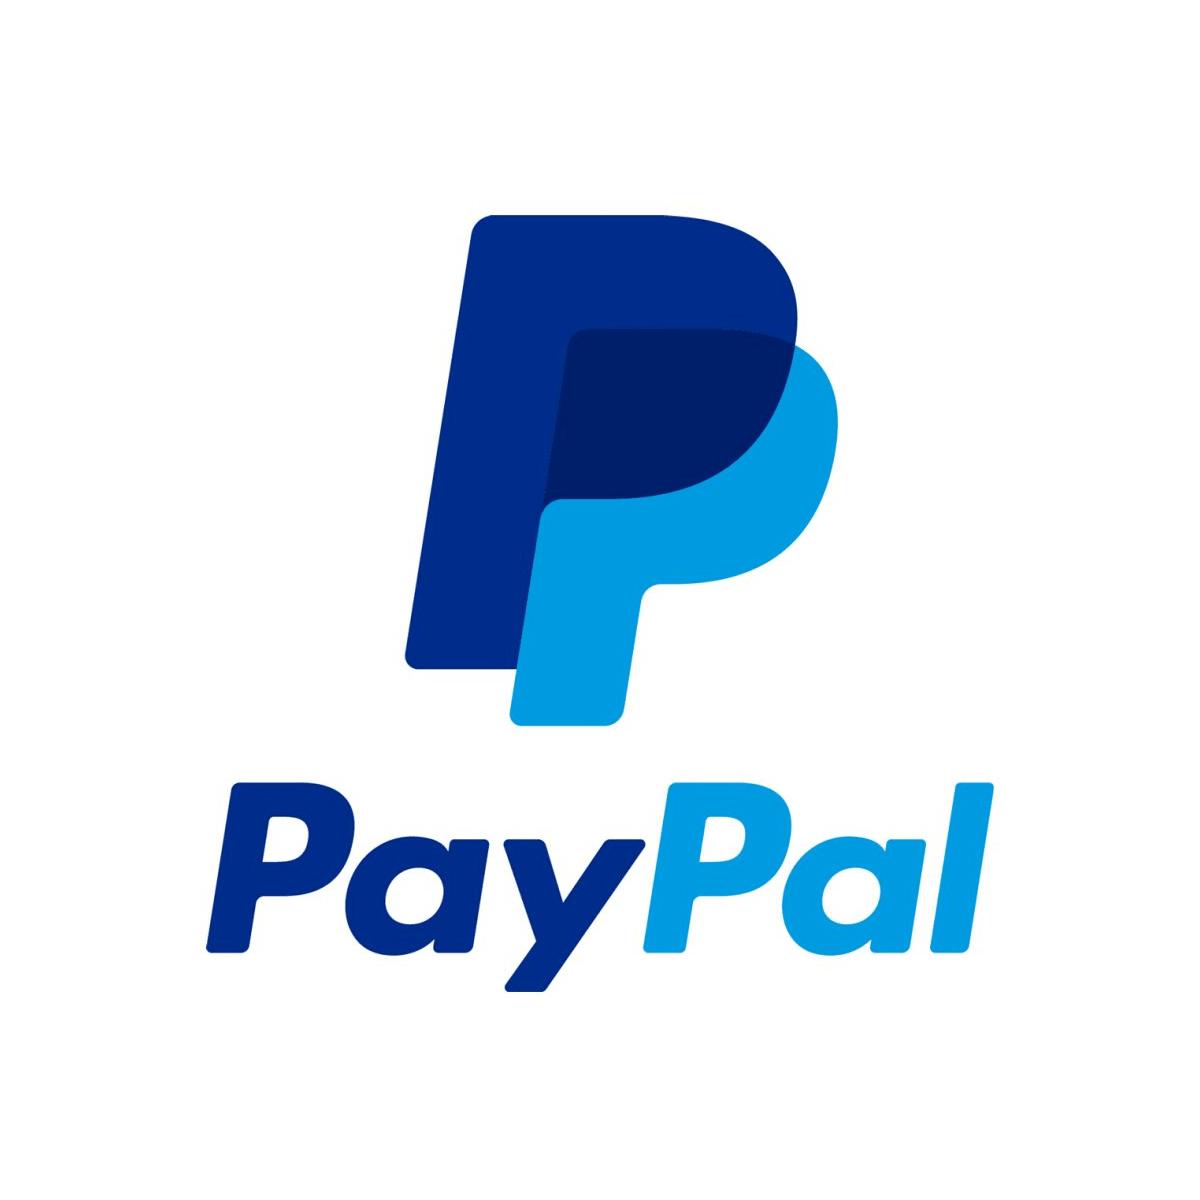 ペイパルロゴ